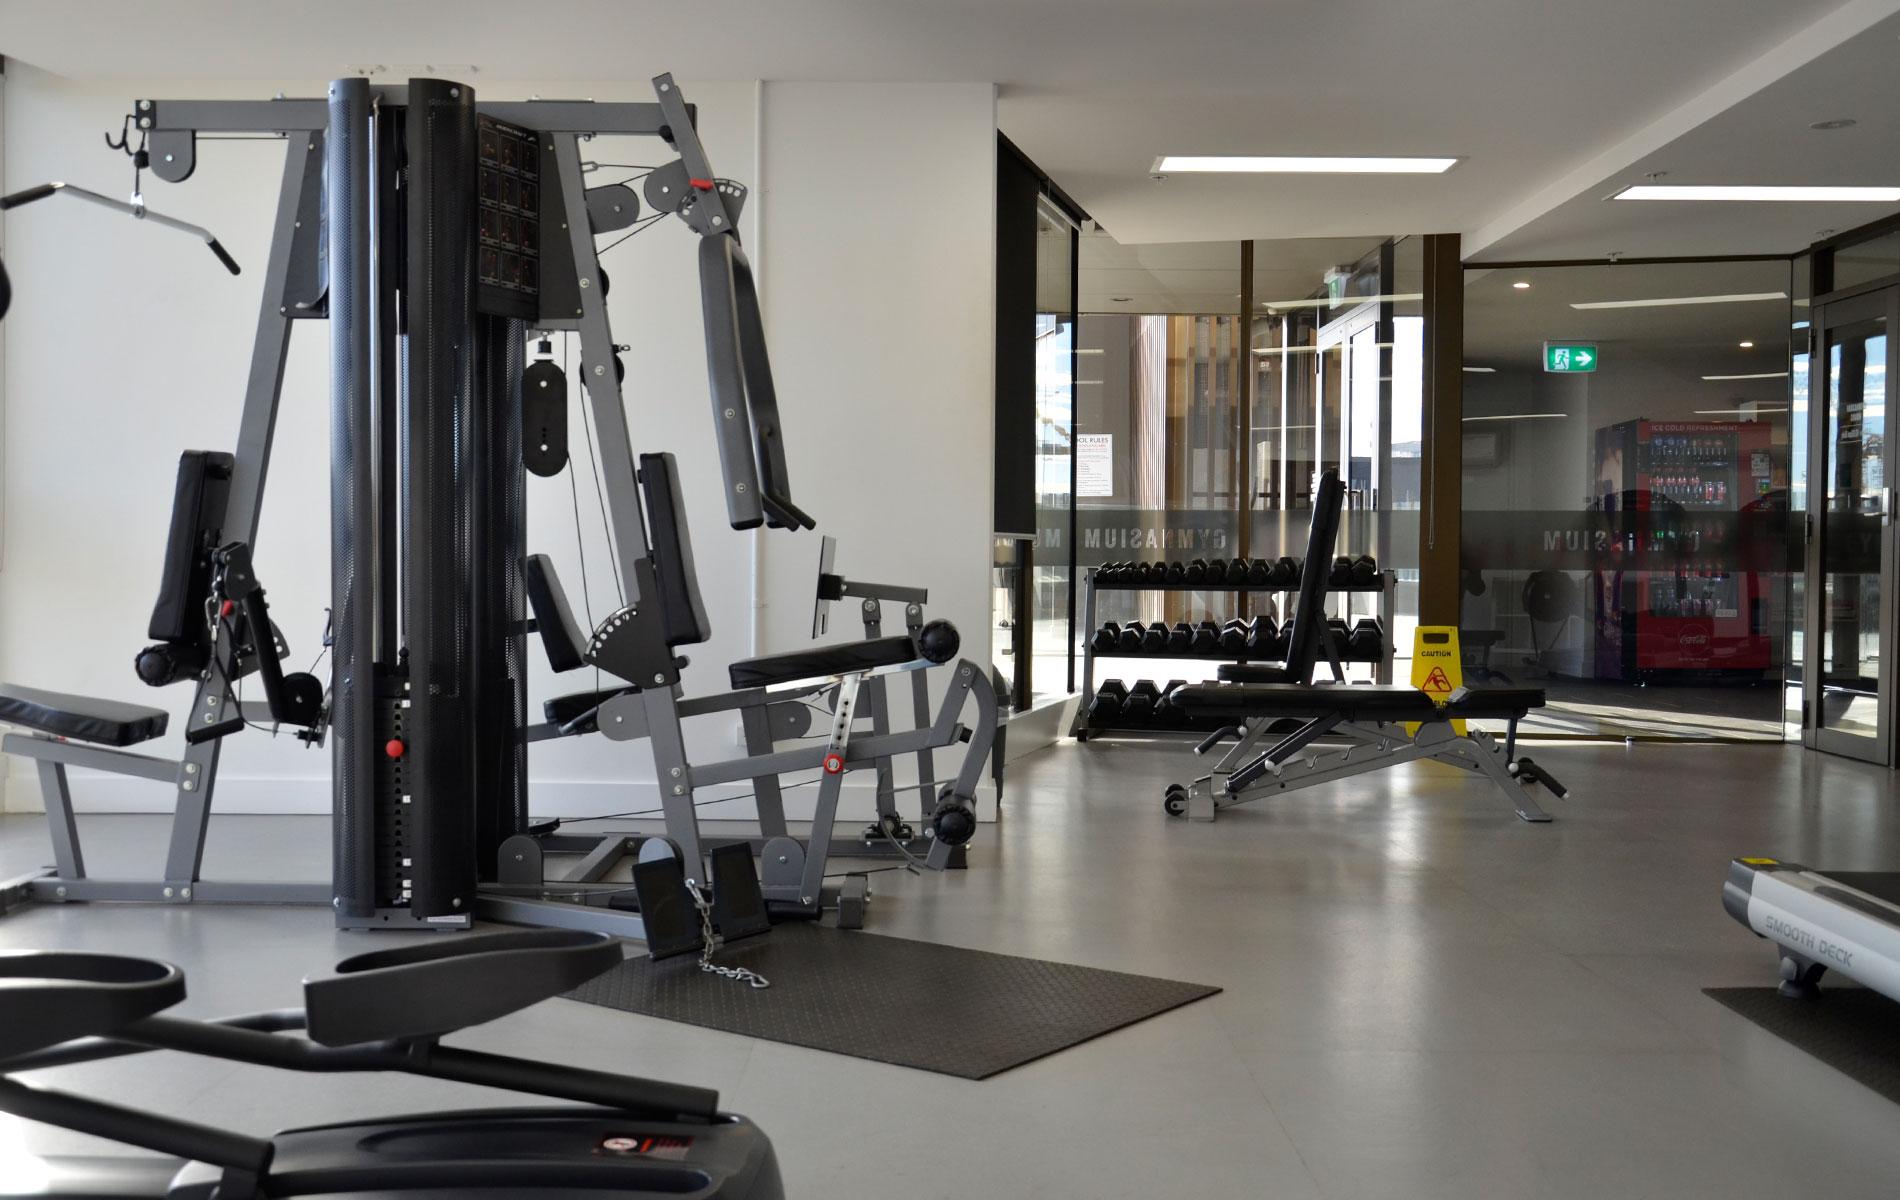 Vue On King William Gym | Rental Properties Adelaide